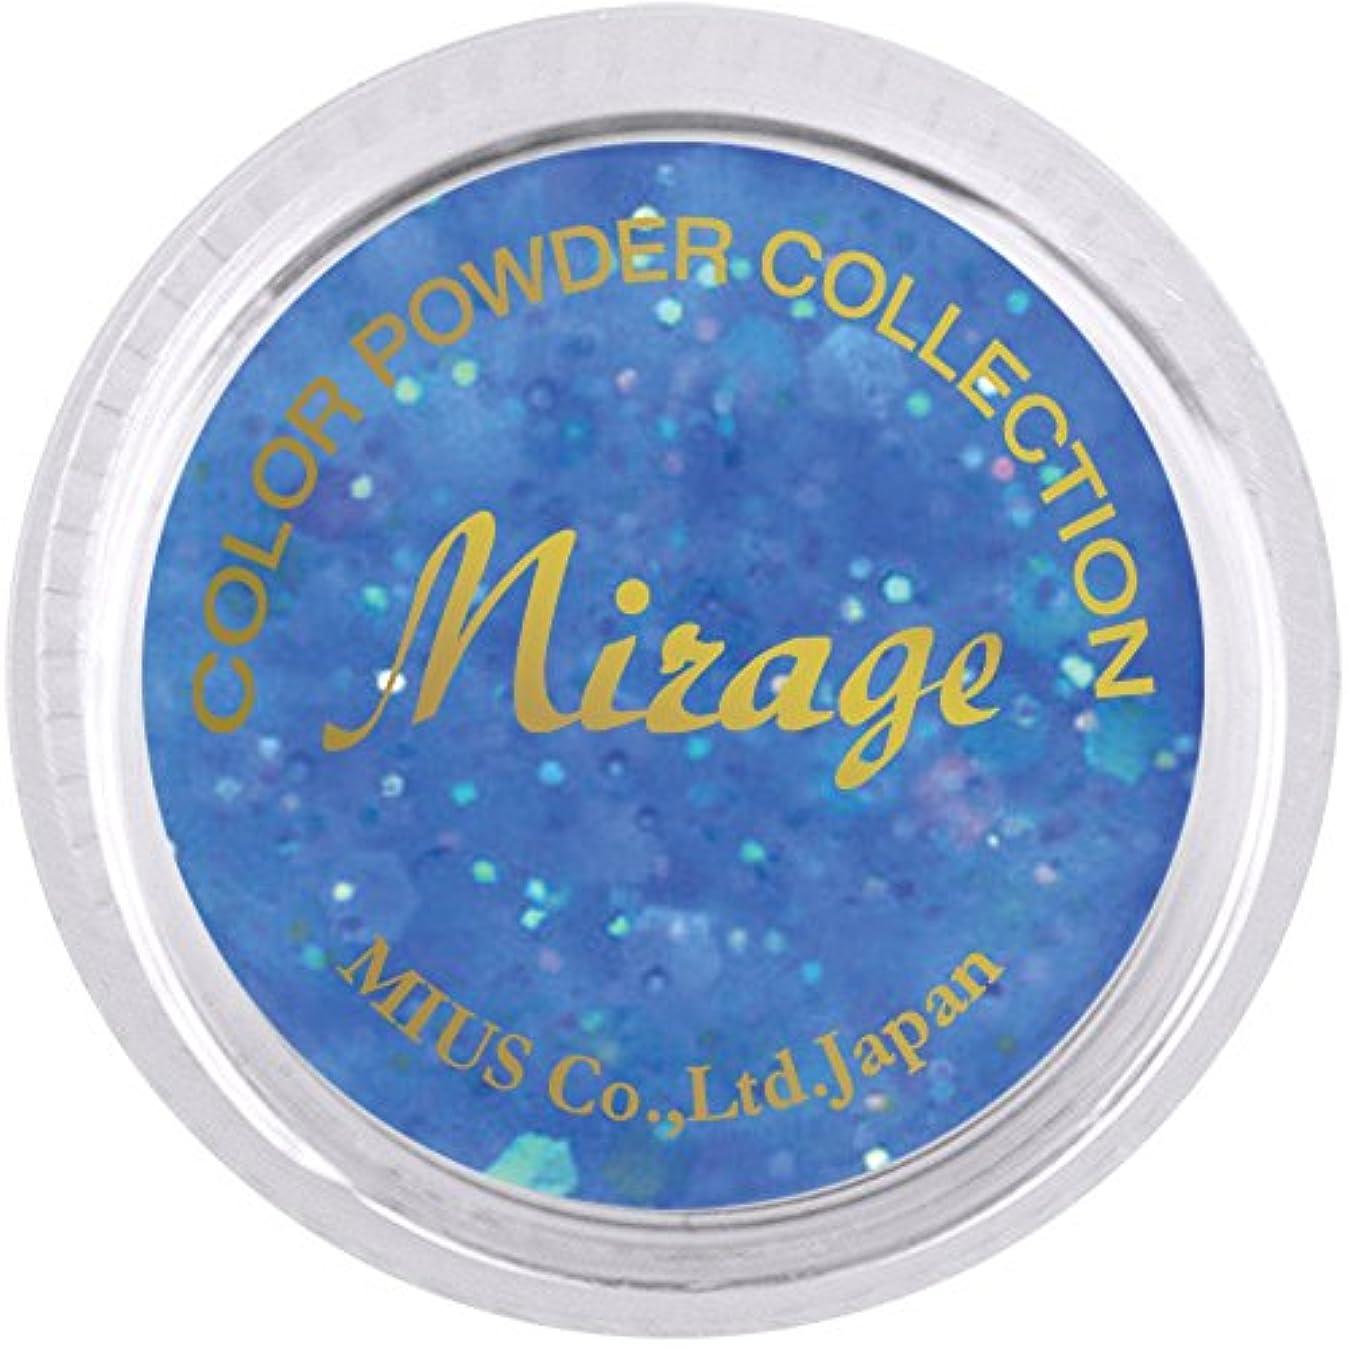 午後媒染剤狂うミラージュ カラーパウダー N/BX-2  7g グリッターパウダー アクリルパウダー 大小のラメが輝く蛍光カラー